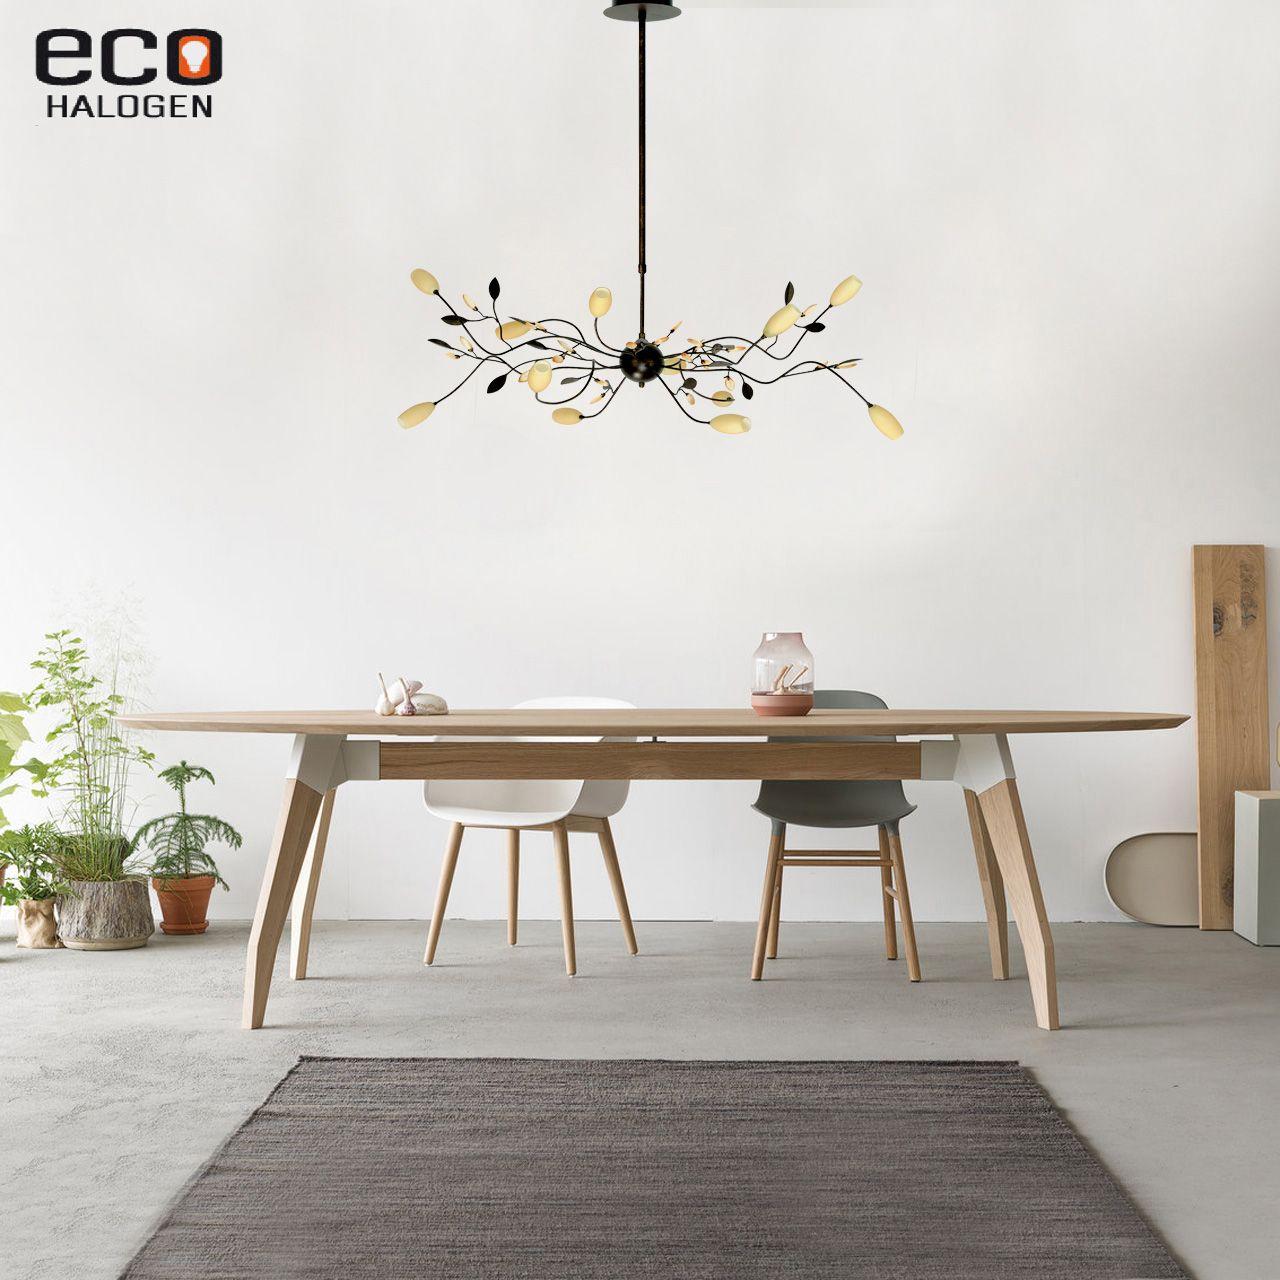 Super Bruine romantische eettafel hanglamp grosseto roest NK-91